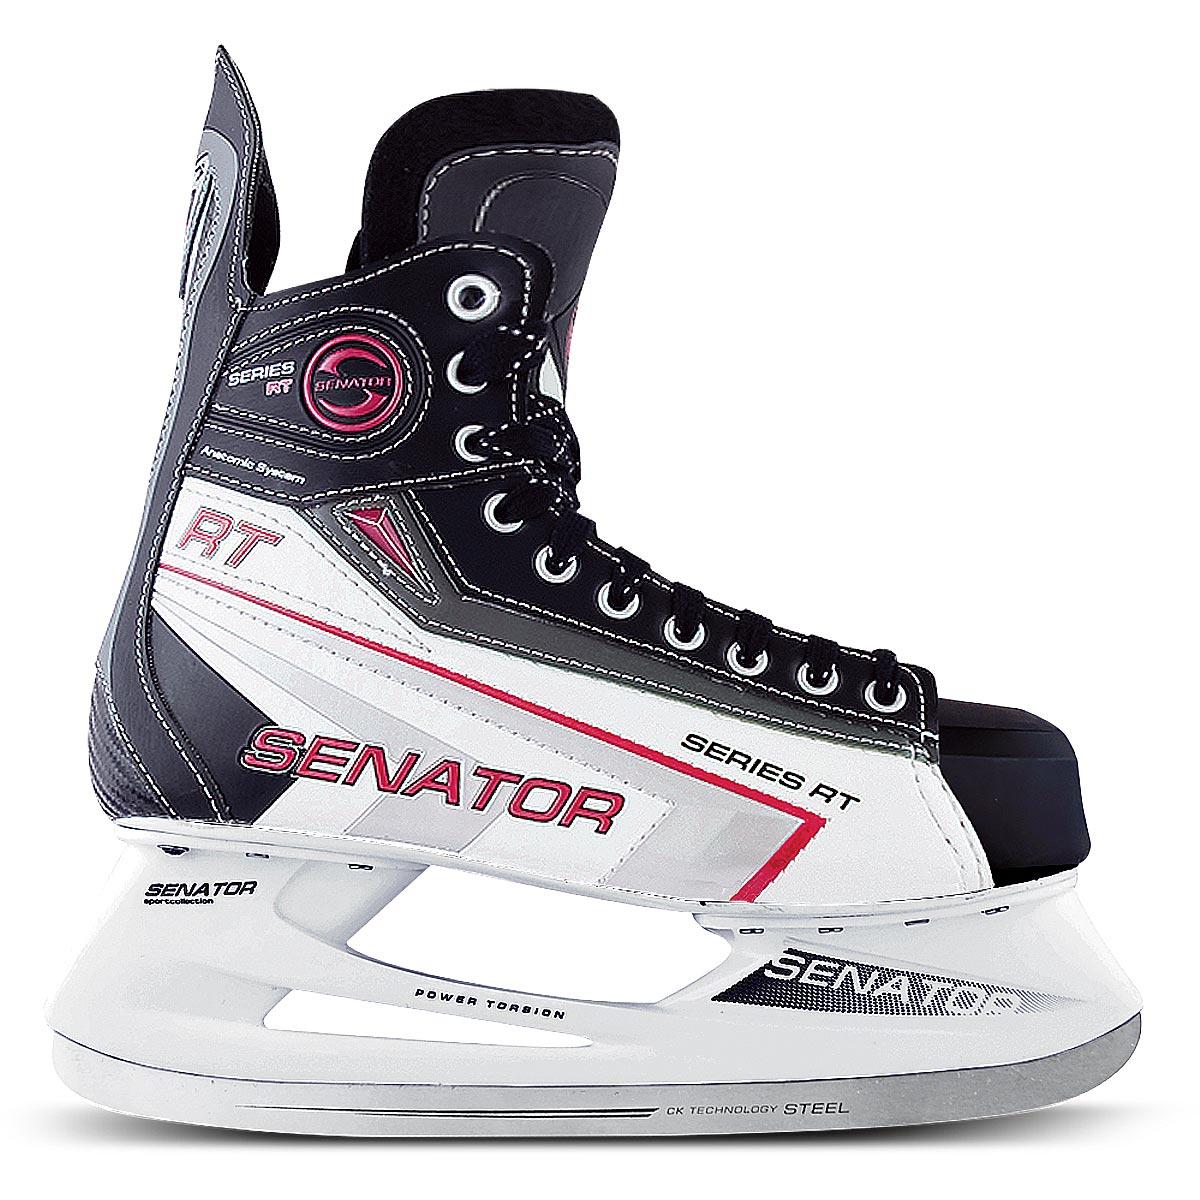 Коньки хоккейные мужские СК Senator RT, цвет: черный, белый. Размер 39SENATOR RT_черный, белый_39Стильные коньки от CK прекрасно подойдут для начинающих игроков в хоккей. Ботинок выполнен из морозоустойчивой искусственной кожи и ПВХ. Мыс дополнен вставкой, которая защитит ноги от ударов. Внутренний слой и стелька изготовлены из мягкого вельвета, который обеспечит тепло и комфорт во время катания, язычок - из войлока. Плотная шнуровка надежно фиксирует модель на ноге. Анатомический голеностоп имеет удобный суппорт. По верху коньки декорированы оригинальным принтом и тиснением в виде логотипа бренда. Подошва - из твердого пластика. Стойка выполнена из ударопрочного поливинилхлорида. Лезвие из нержавеющей стали обеспечит превосходное скольжение. Оригинальные коньки придутся вам по душе.